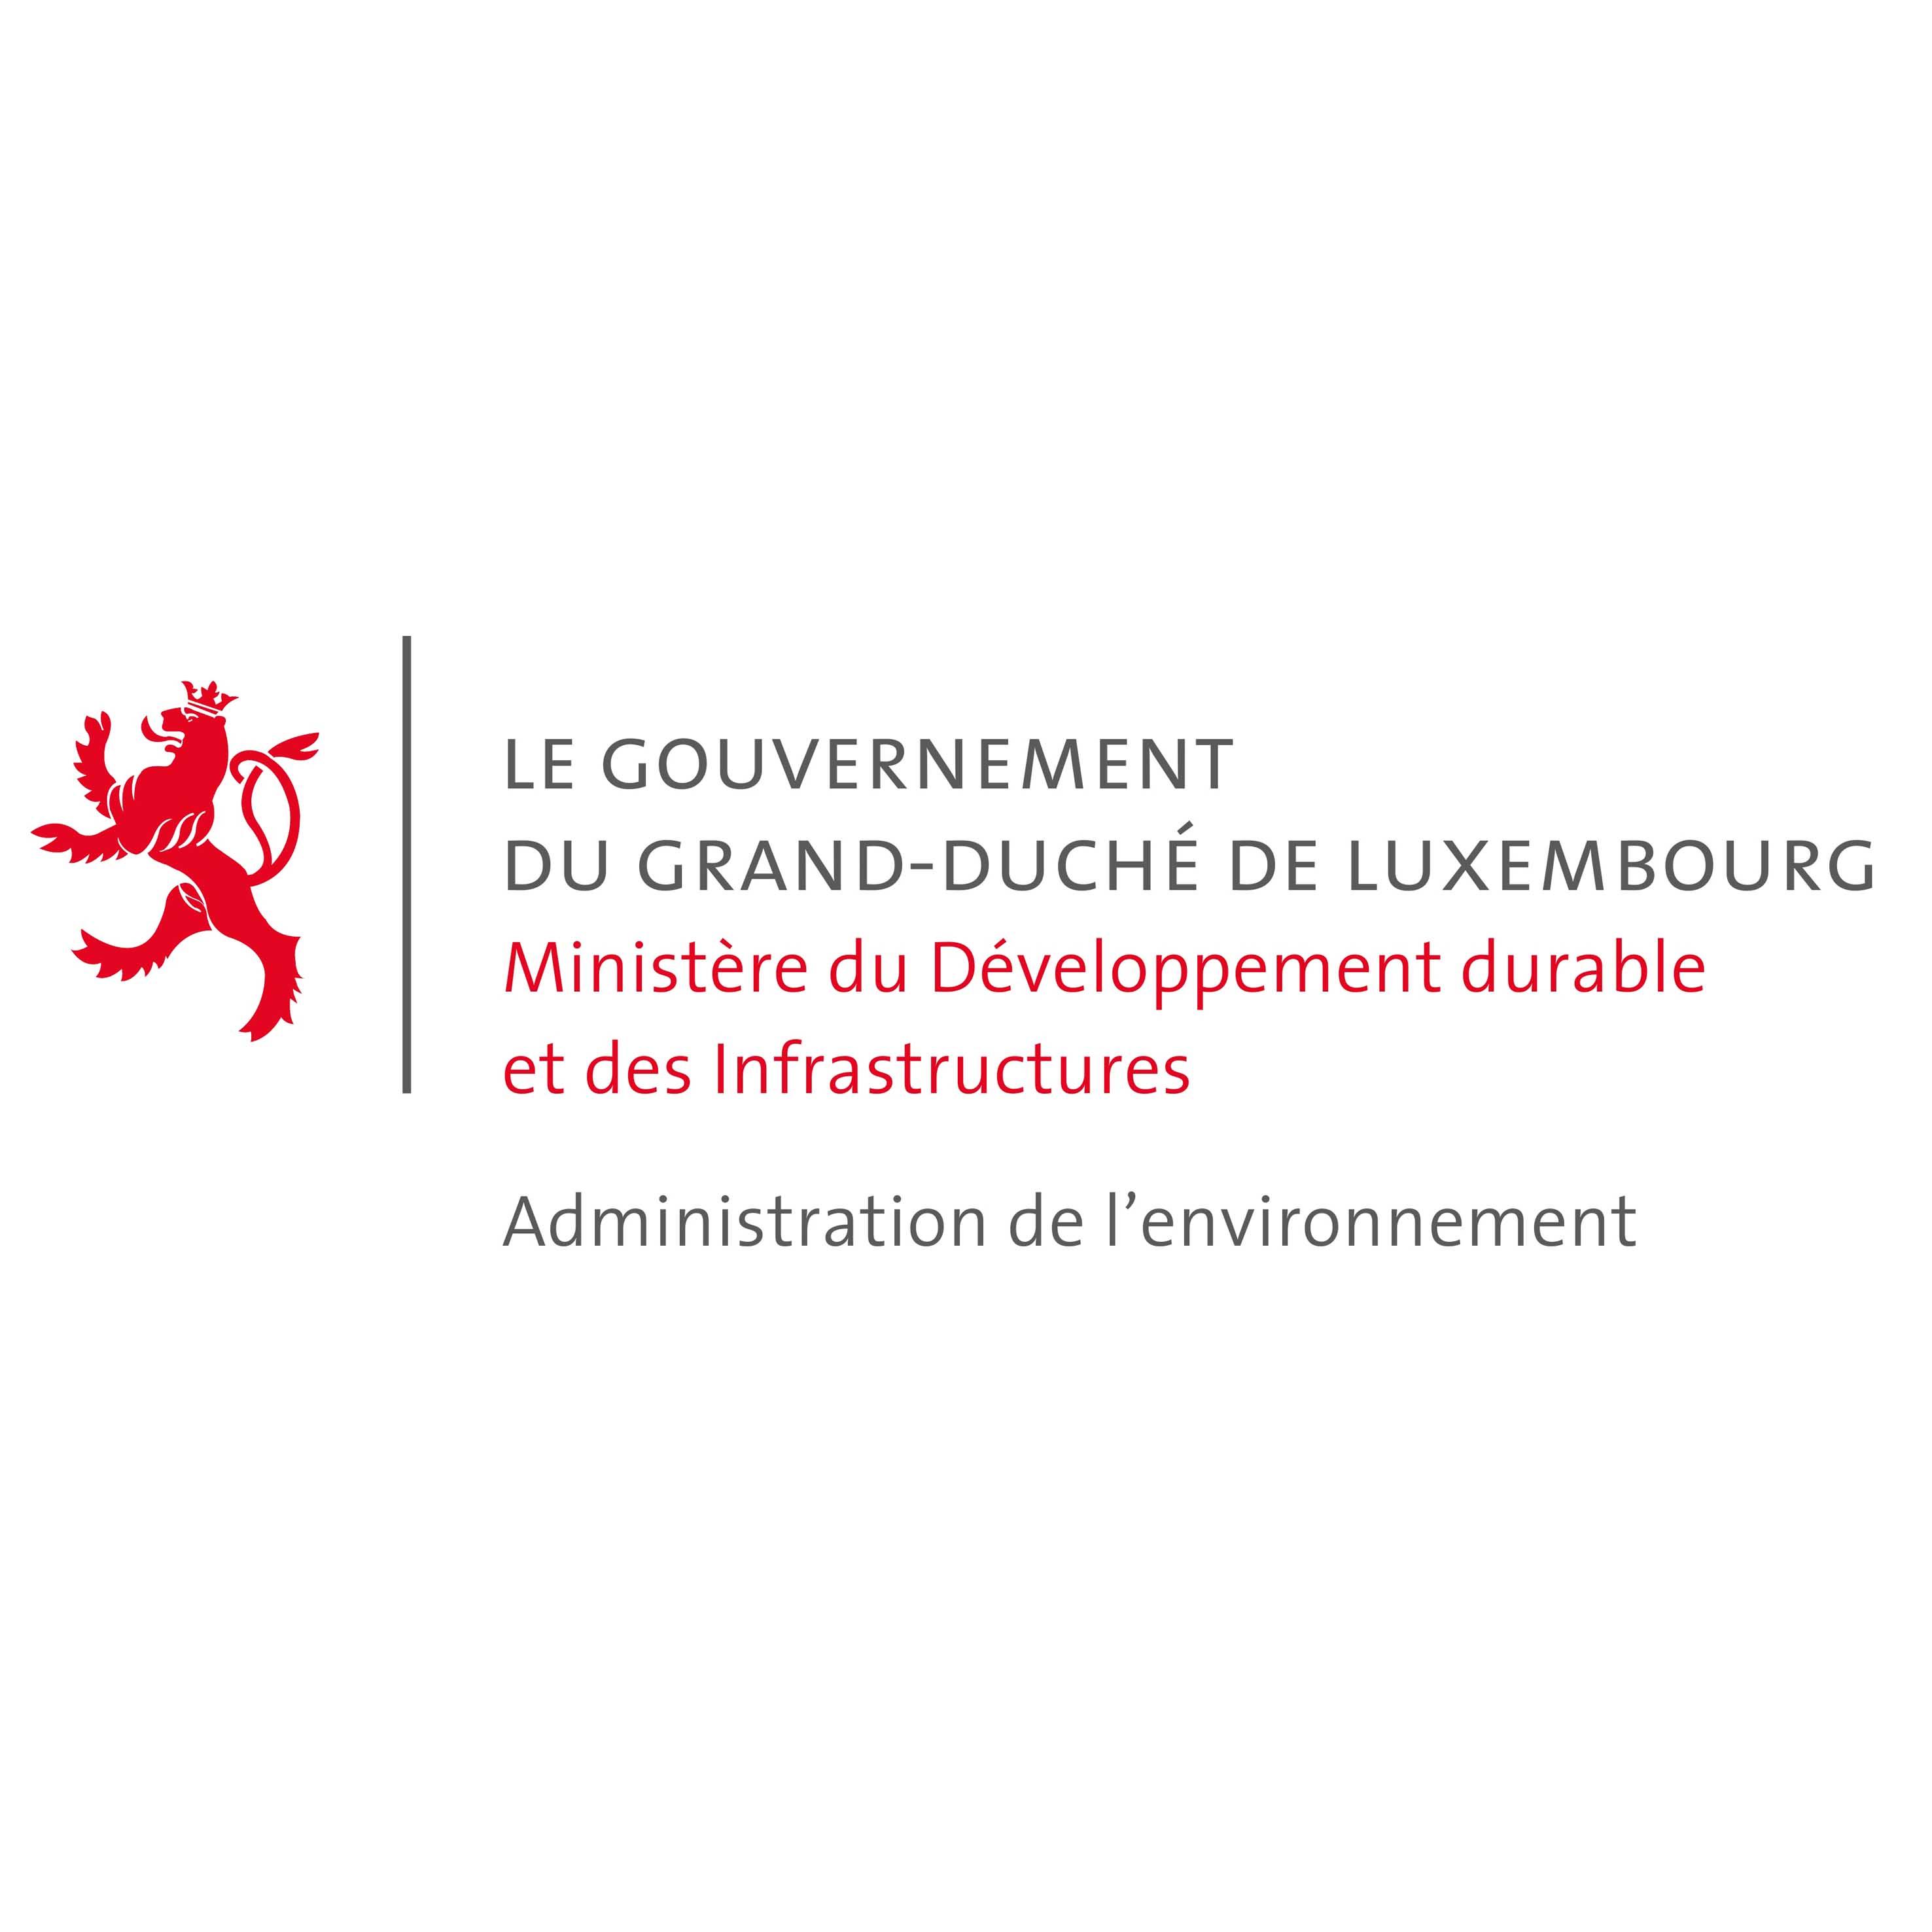 Administration de l'environnement